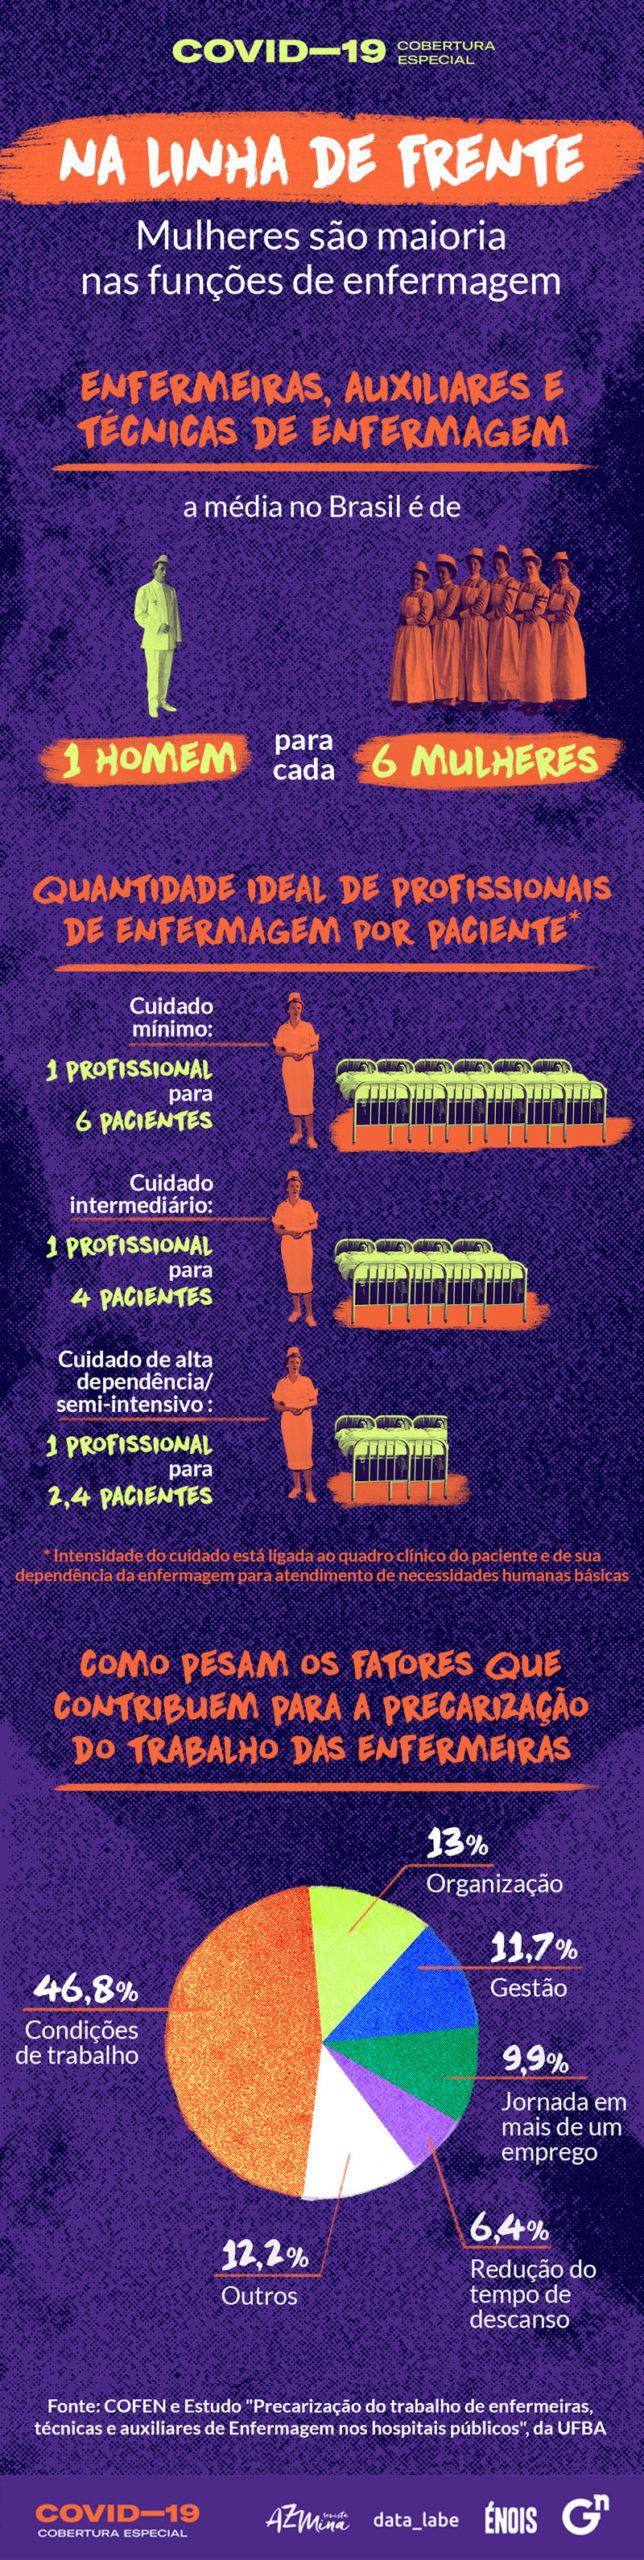 Mulheres são maioria nas funções de enfermagem